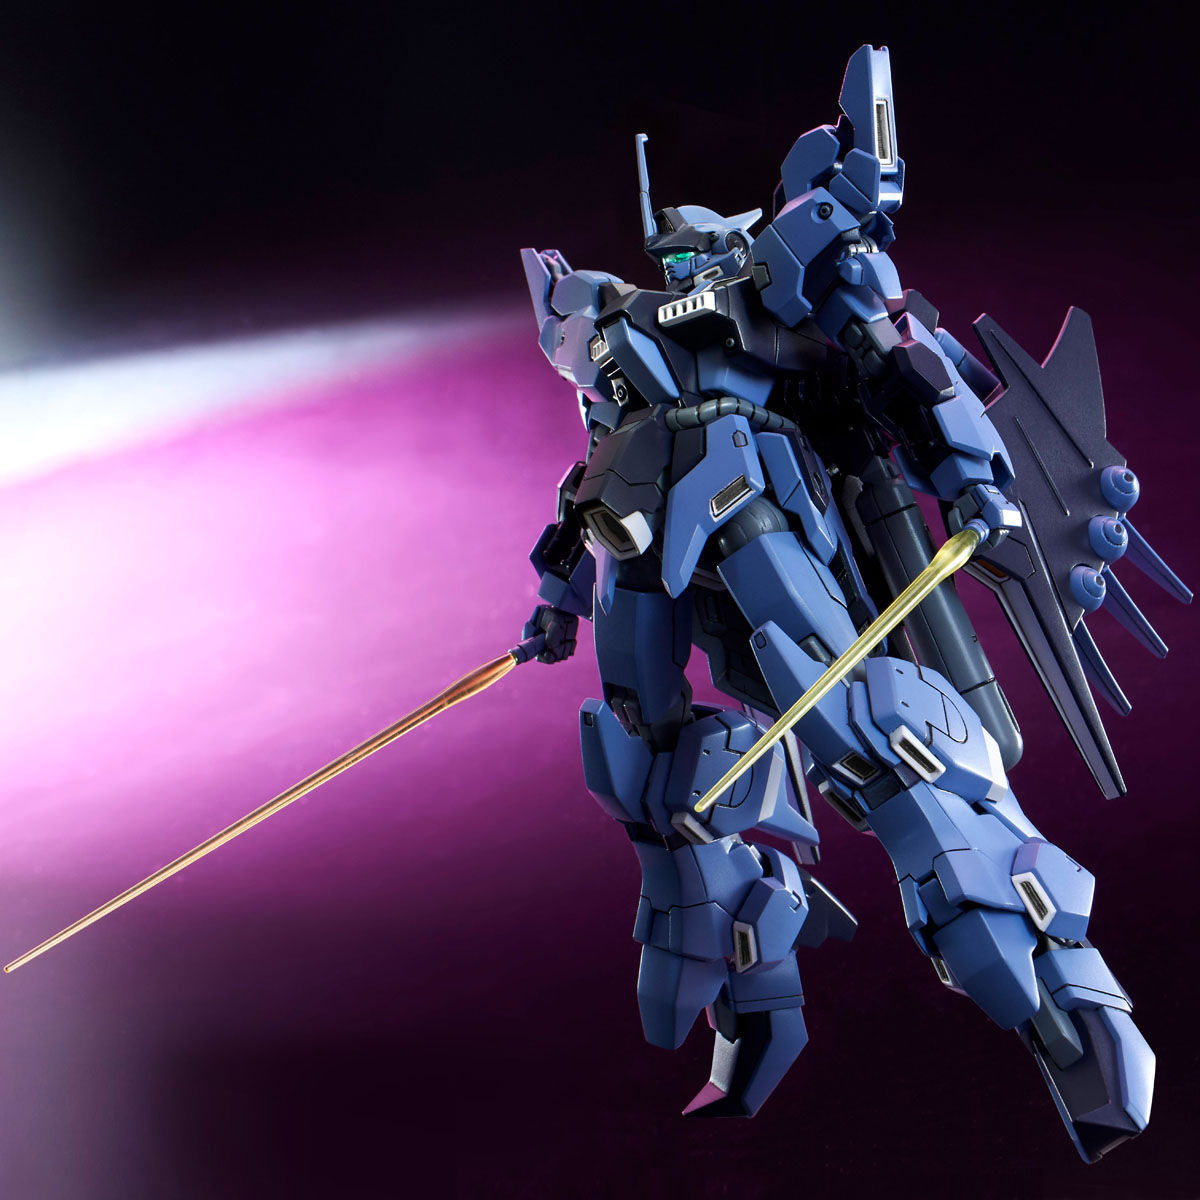 【限定販売】HG 1/144『トーリスリッター』ガンダム サイドストーリーズ プラモデル-004